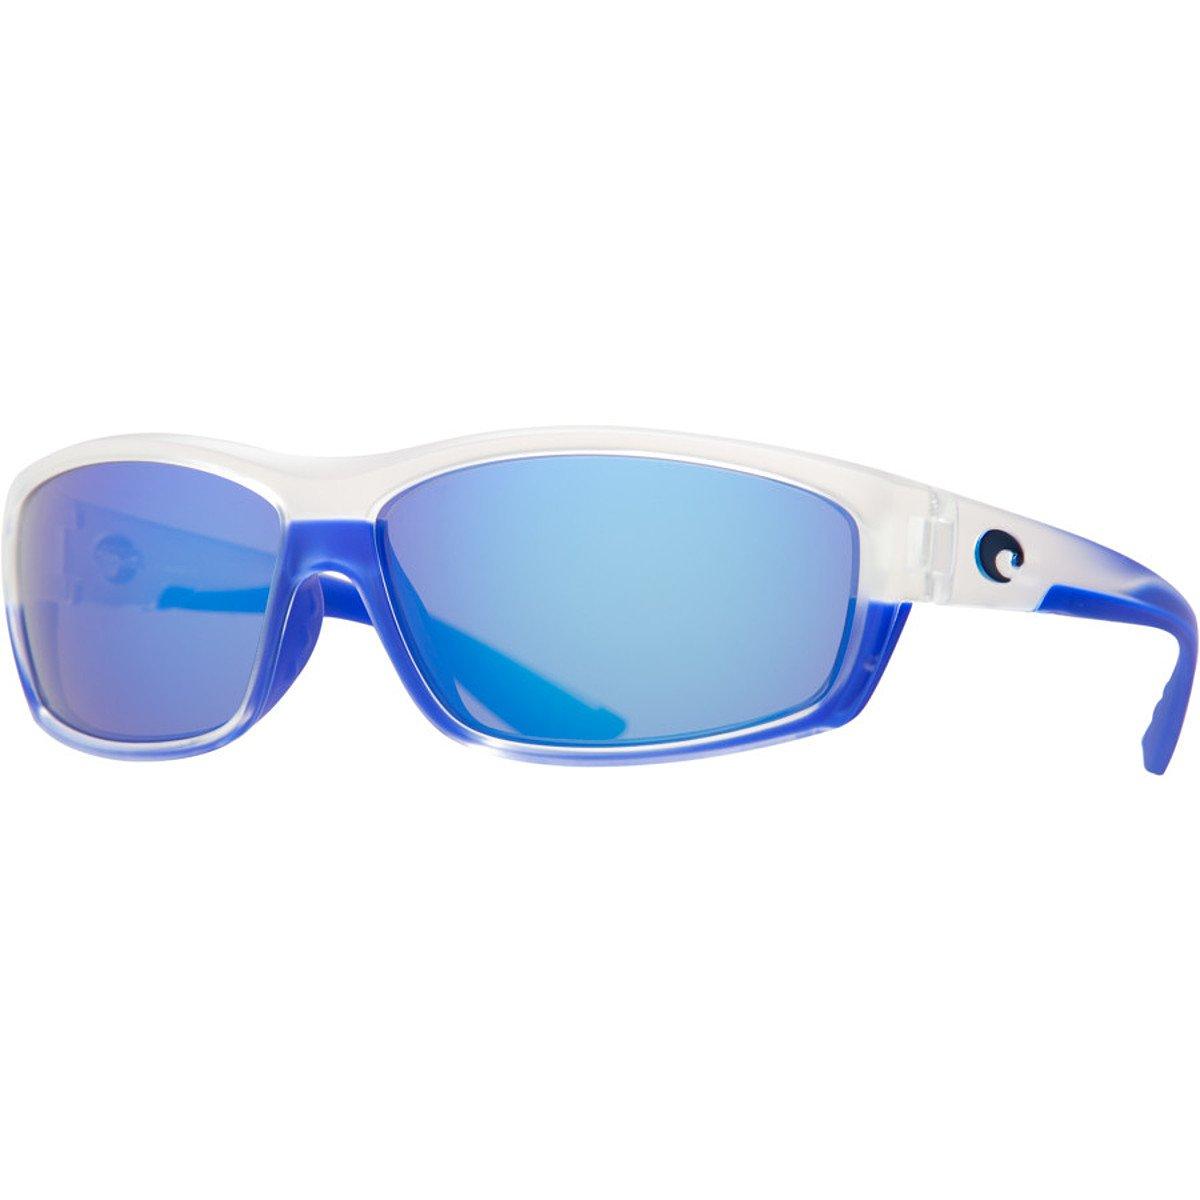 お待たせ! Costa Rican APPAREL Rican メンズ B00K5AYPOM Matte Matte Size Crystal Blue Trim One Size, 手作り餃子専門店 餃子の馬渡:56715e35 --- movellplanejado.com.br